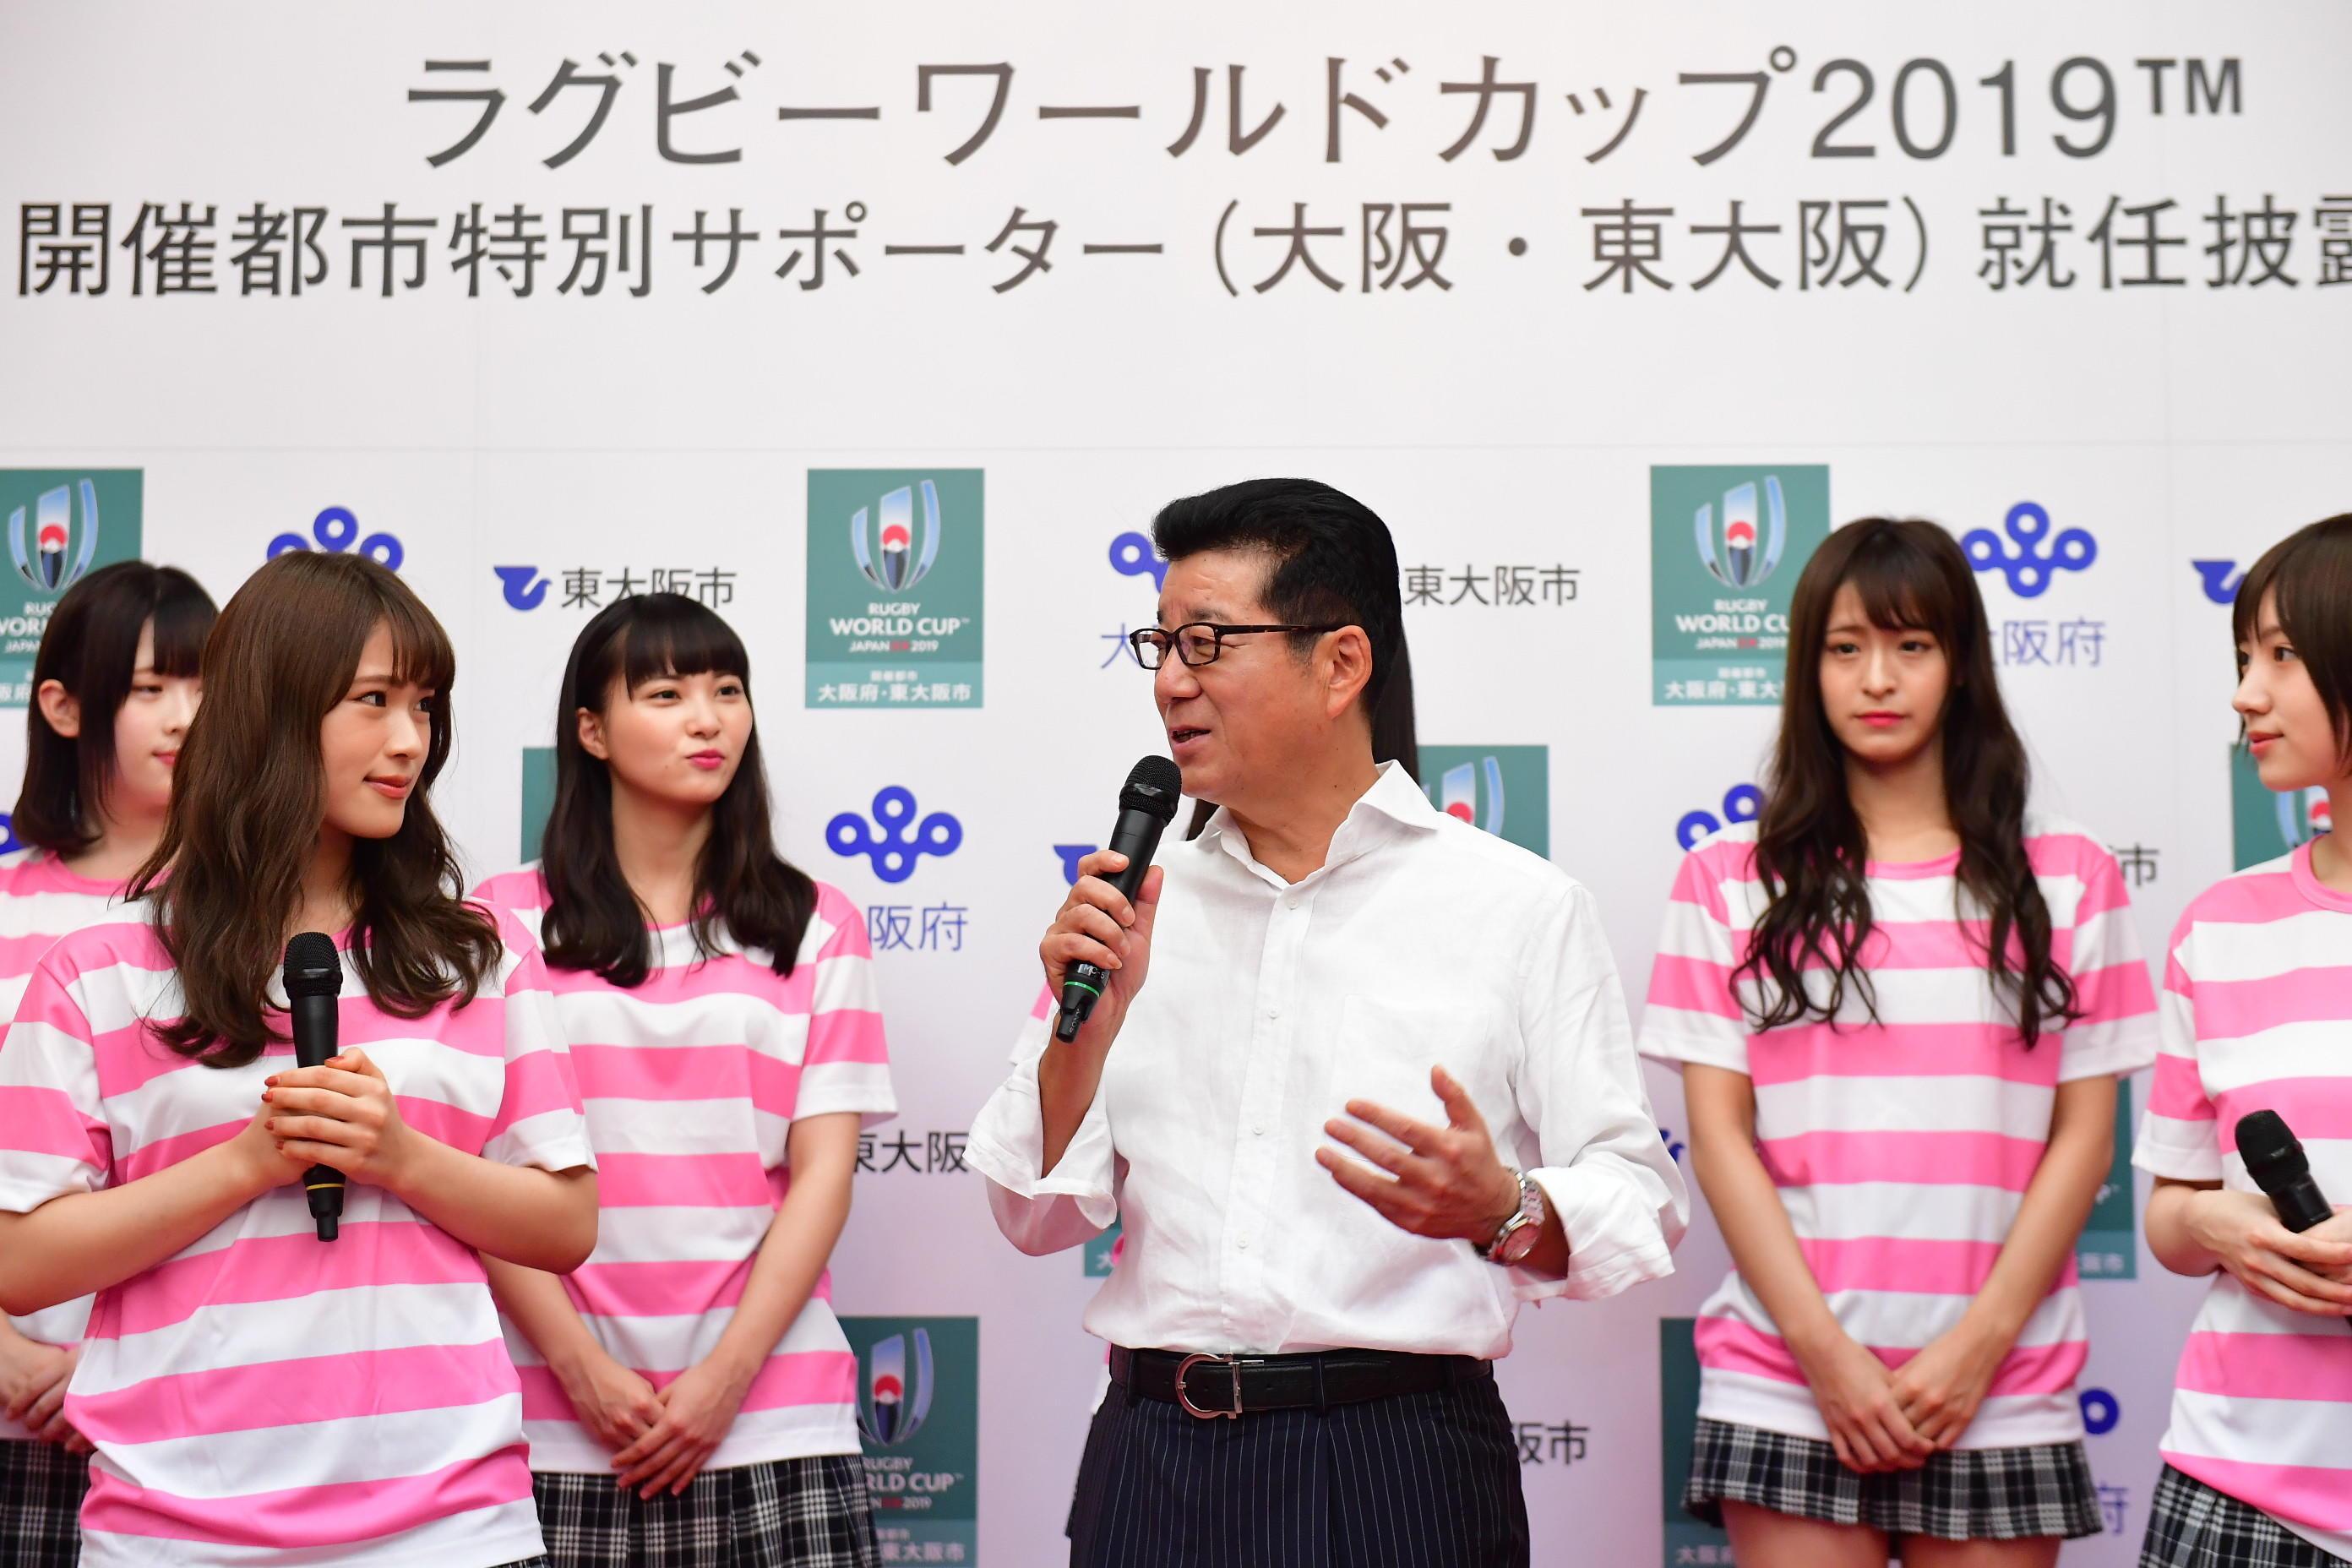 http://news.yoshimoto.co.jp/20180919085047-37fee92811f9e5a5467952fb285fc906b85cdf02.jpg